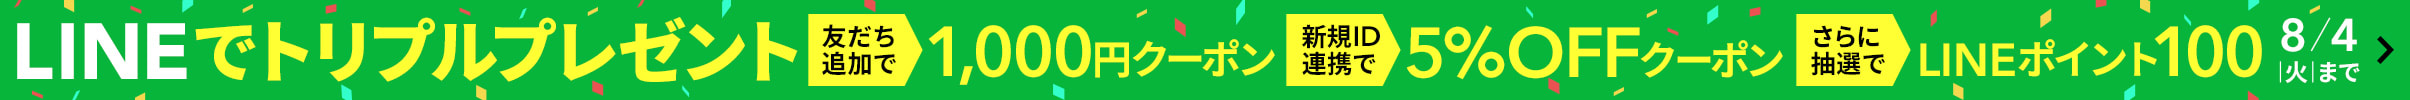 LINE ID連携でLINEポイントプレゼント